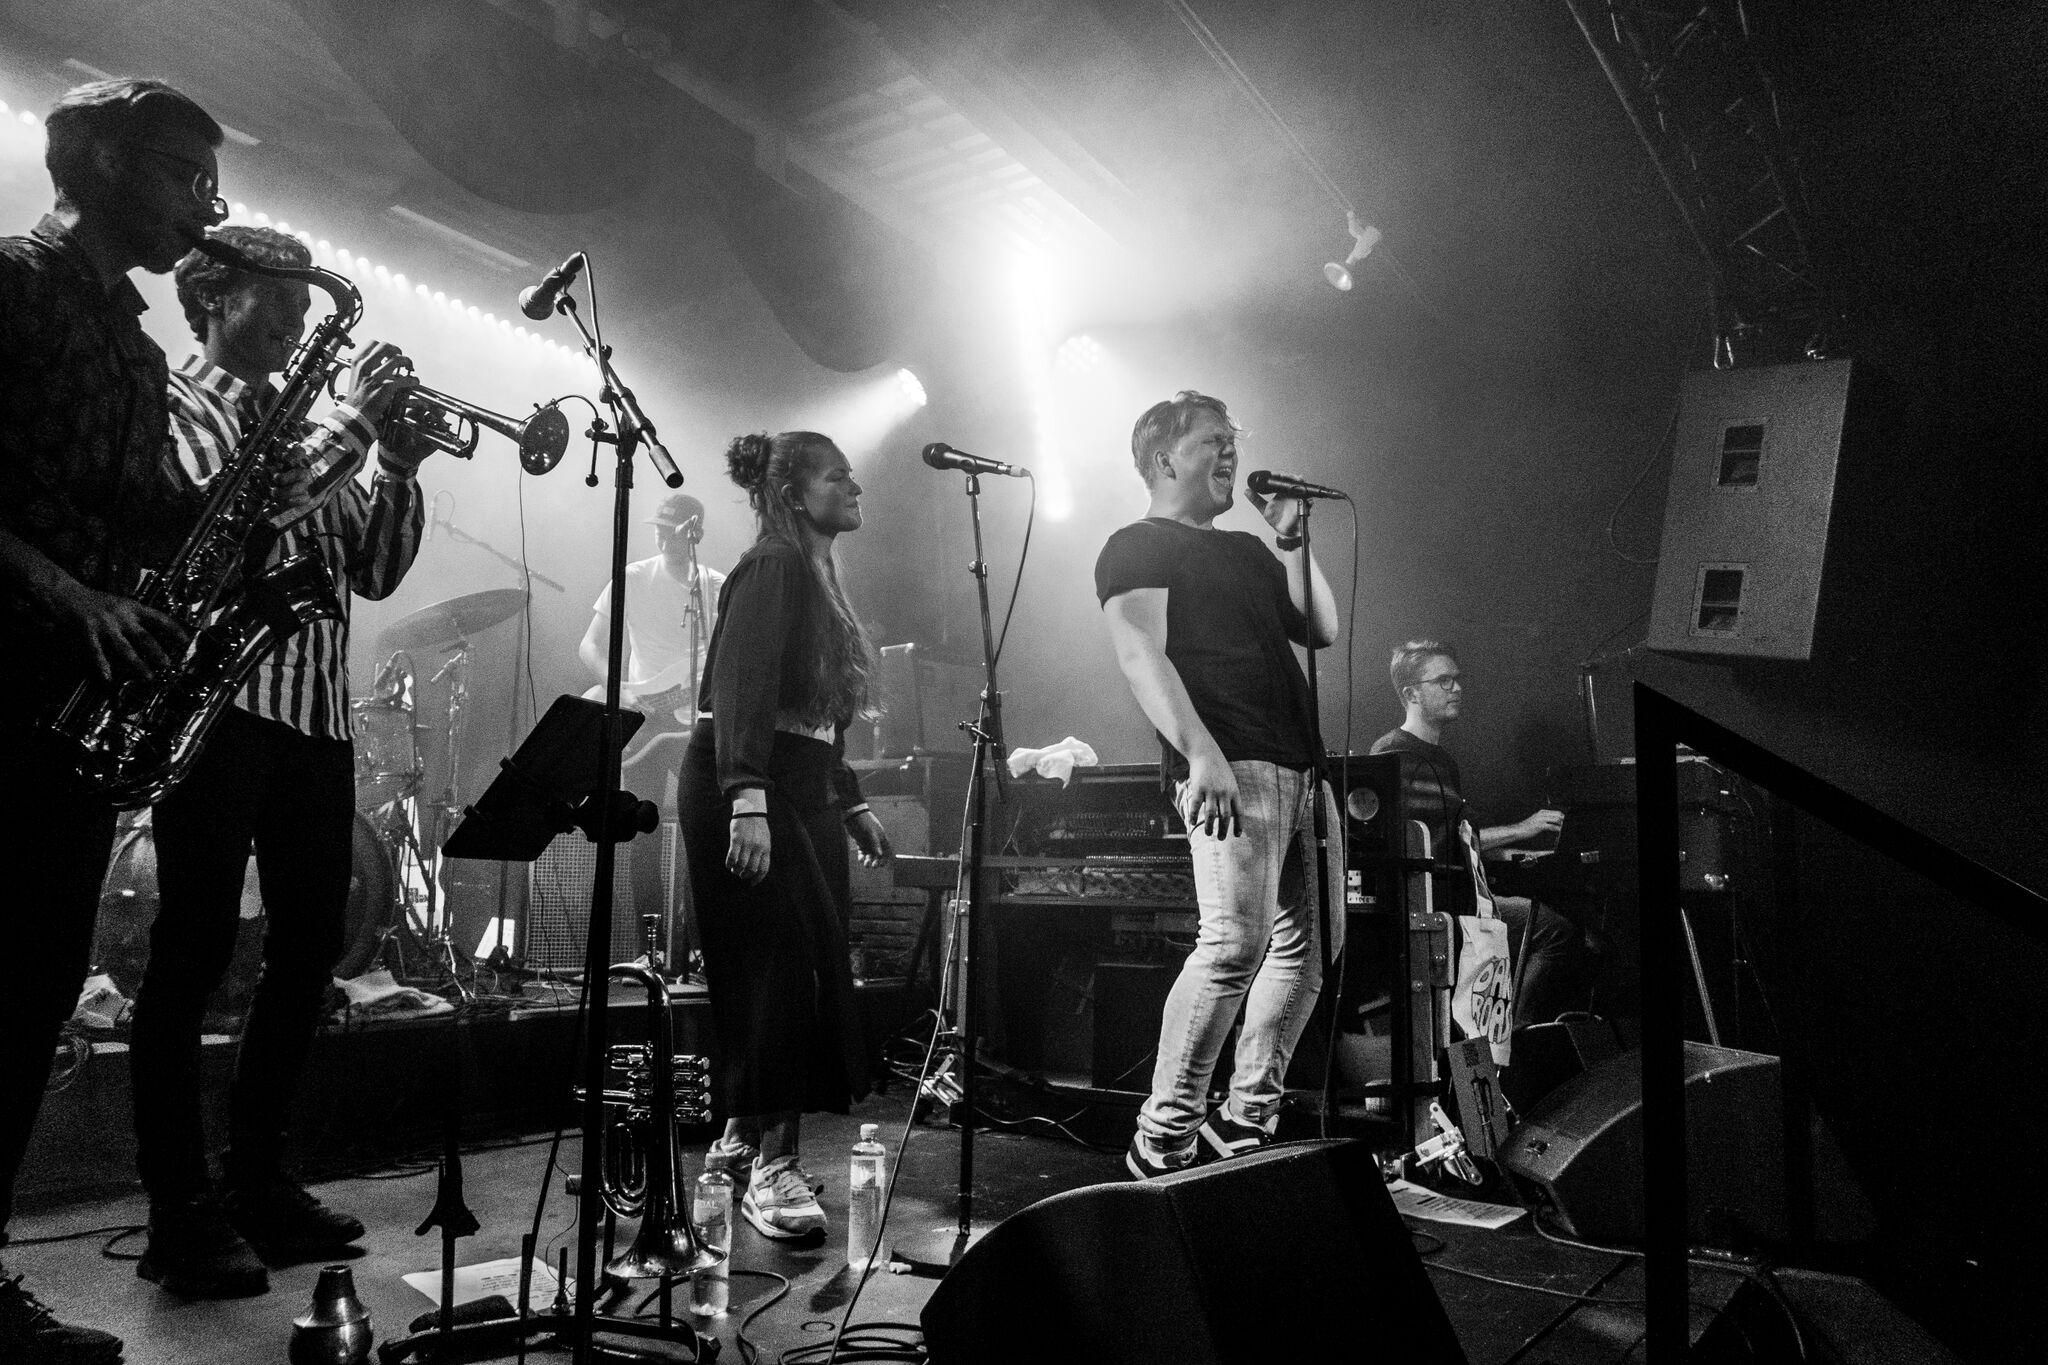 Concert: Dark Roast @Gamla, Oslo